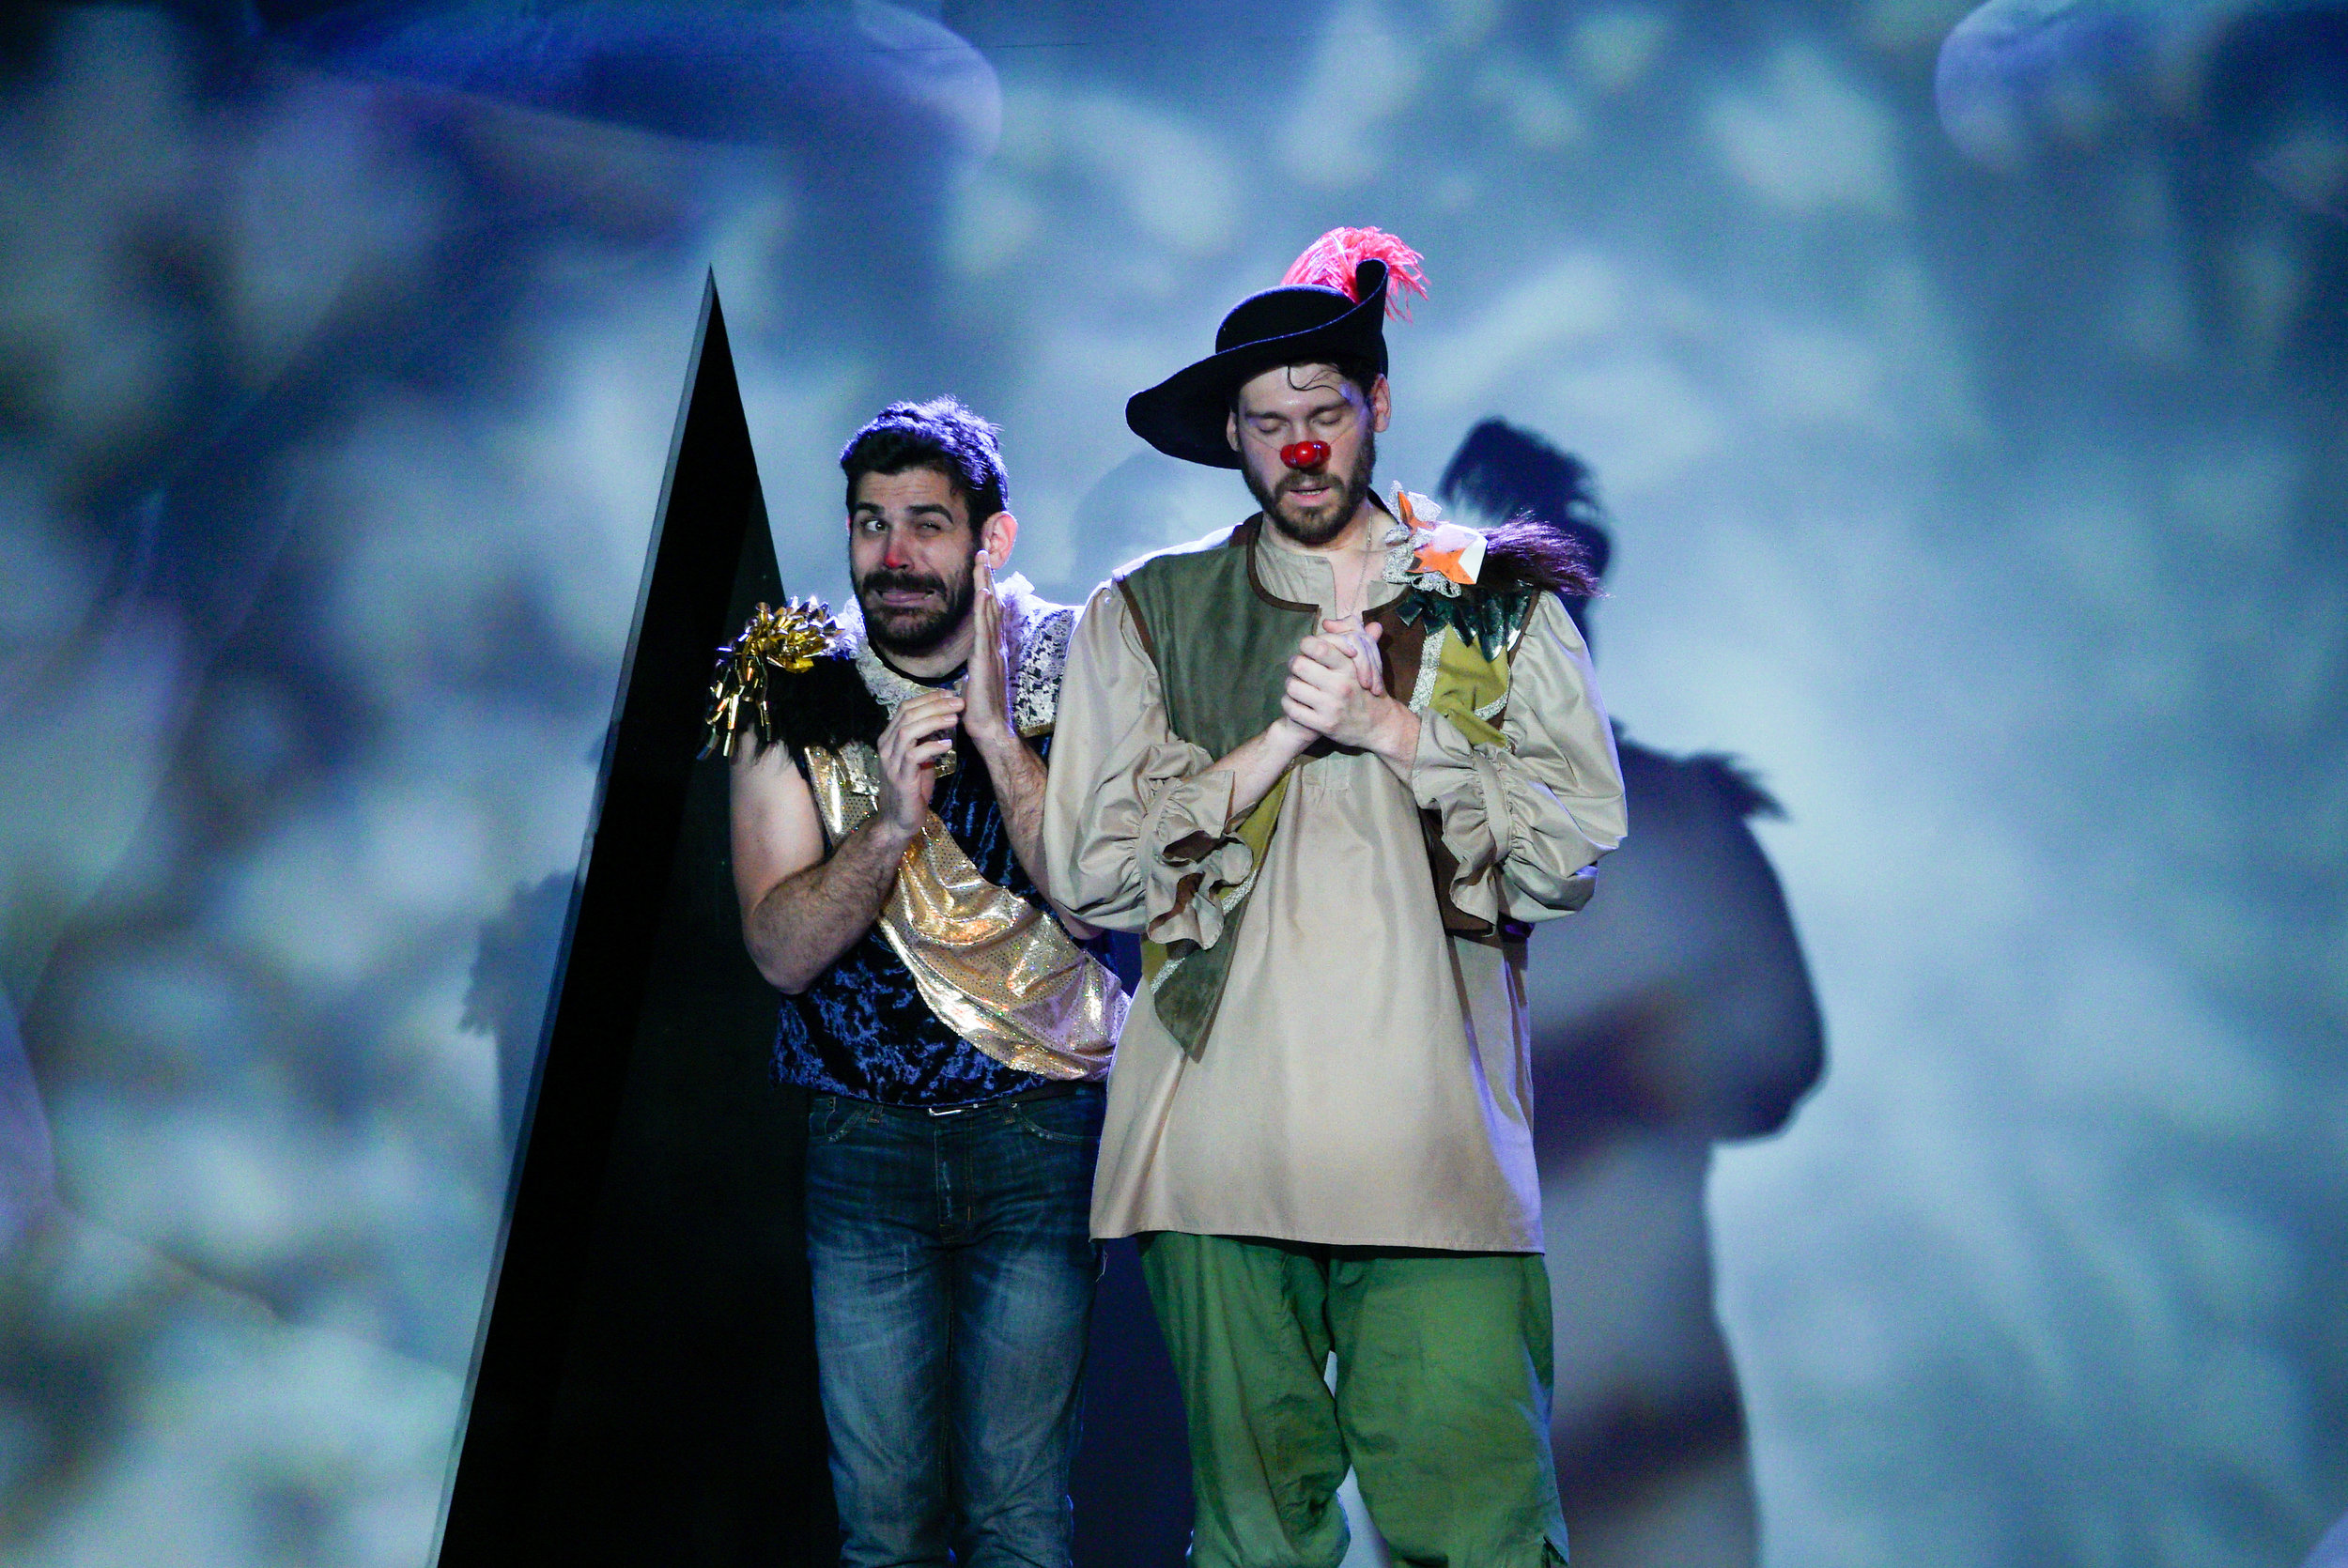 Christian (Dave Honigman) and Cyrano (Benjamin Ponce)